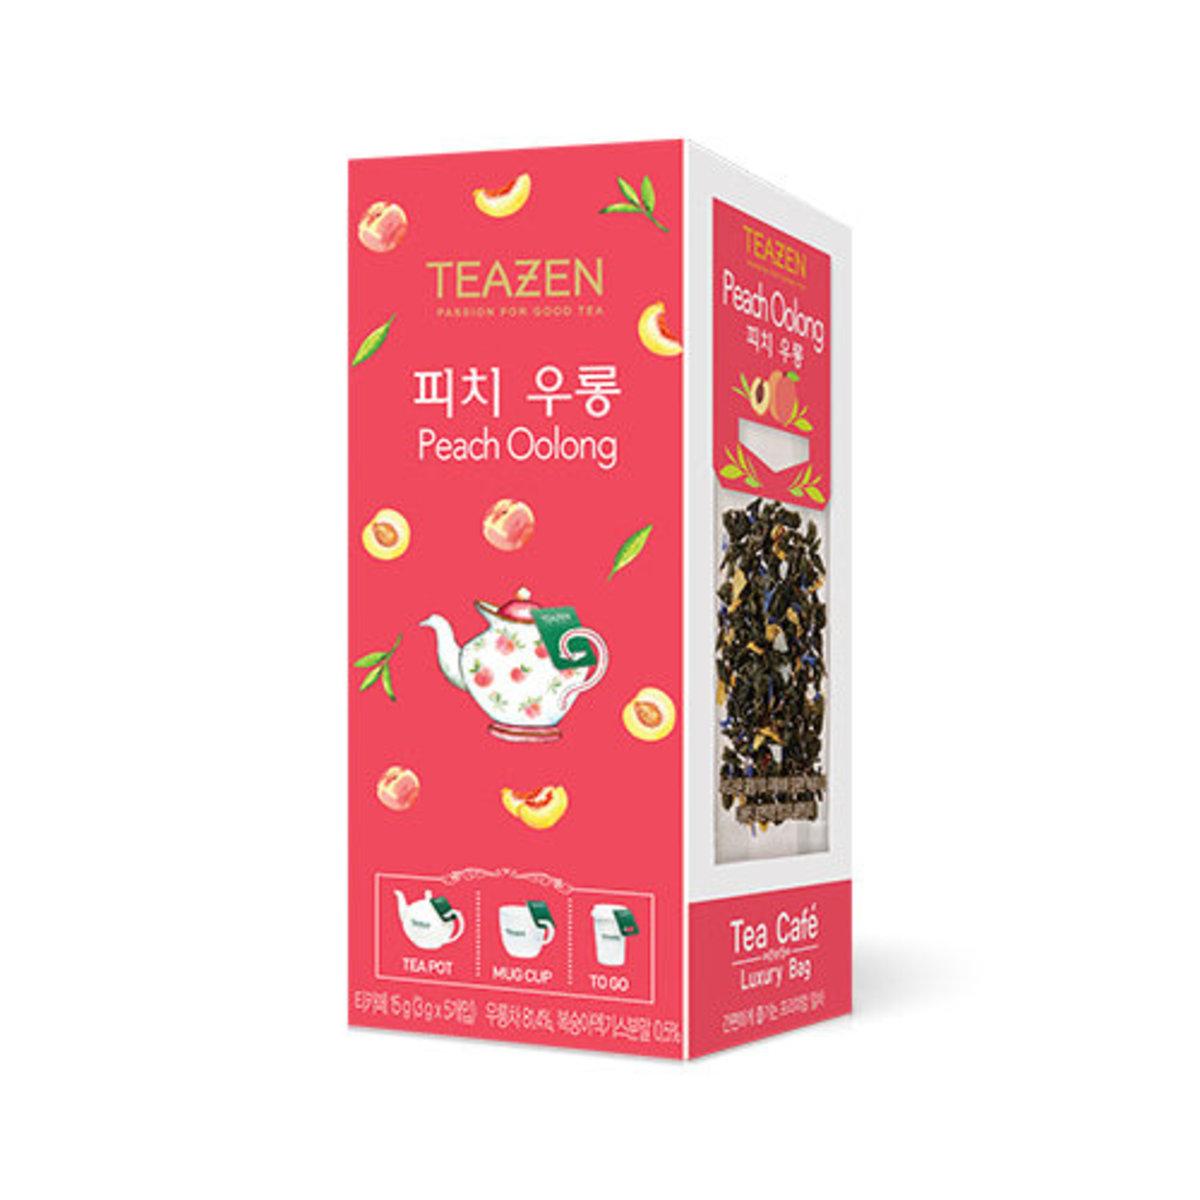 TEA CAFE_Peach Oolong